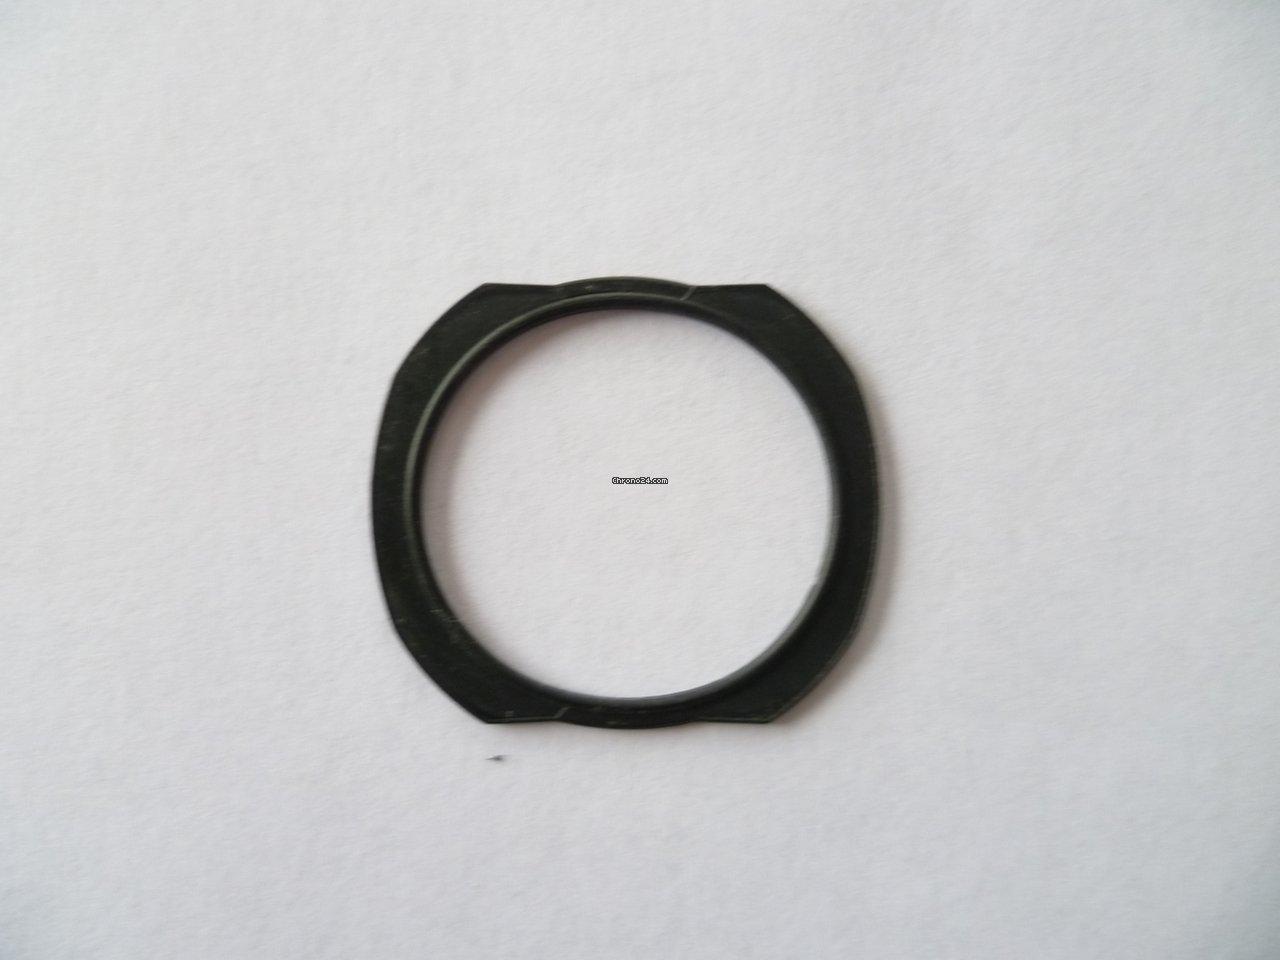 Radsport Antriebskette Ring Zubehör Teile Werkzeug Befestigung Schwarz Stahl Oval